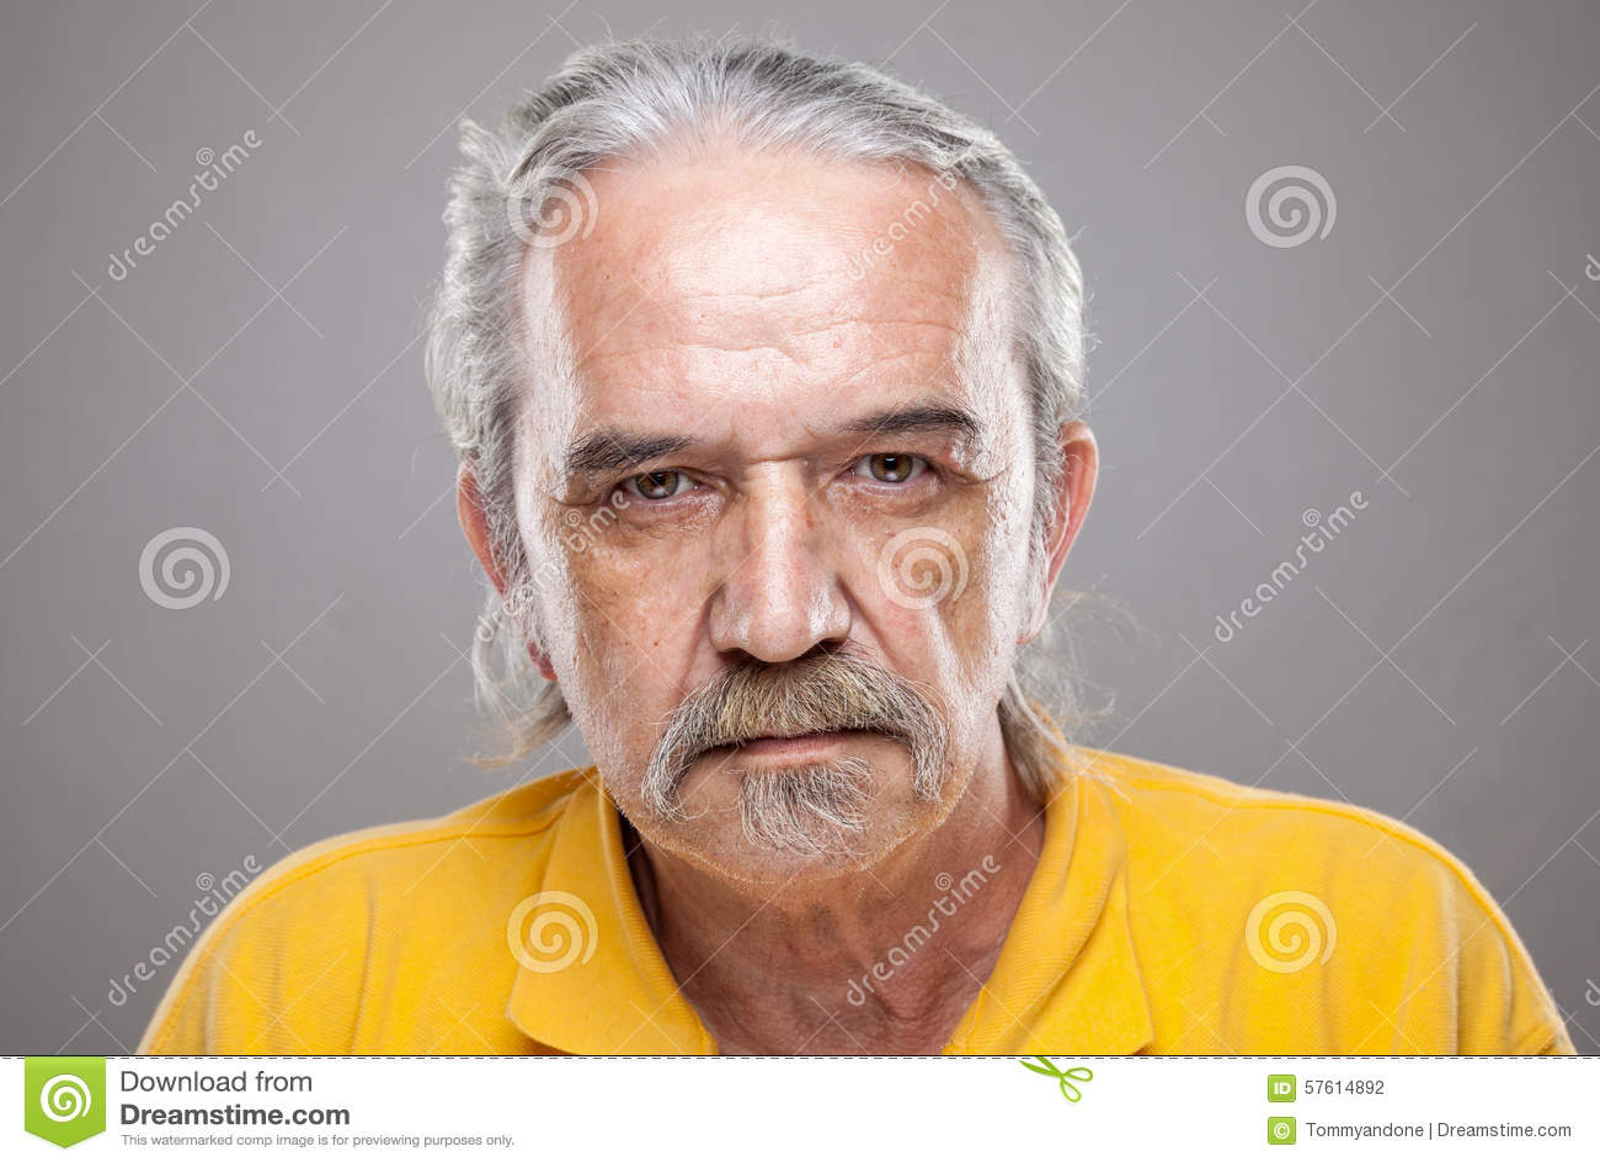 Portriat starszy mężczyzna